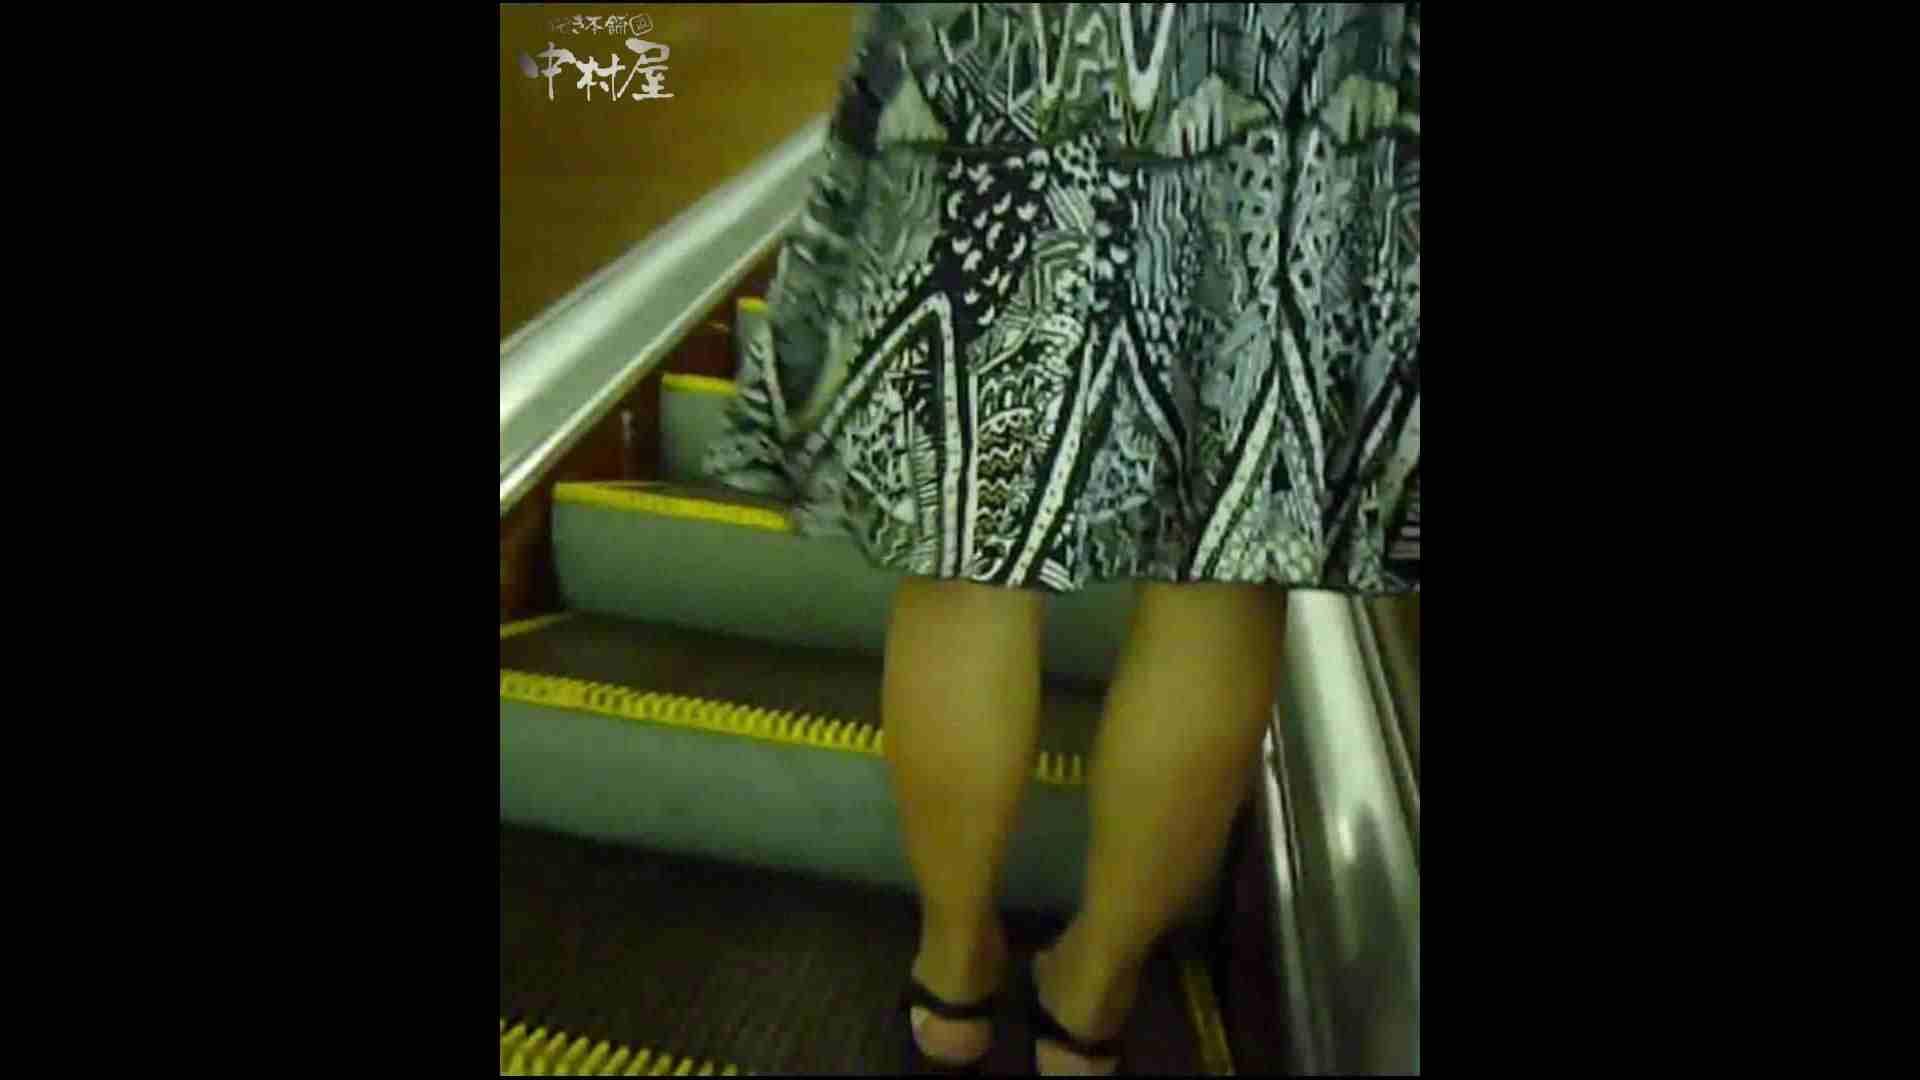 綺麗なモデルさんのスカート捲っちゃおう‼ vol26 お姉さんのエロ動画  77PIX 30